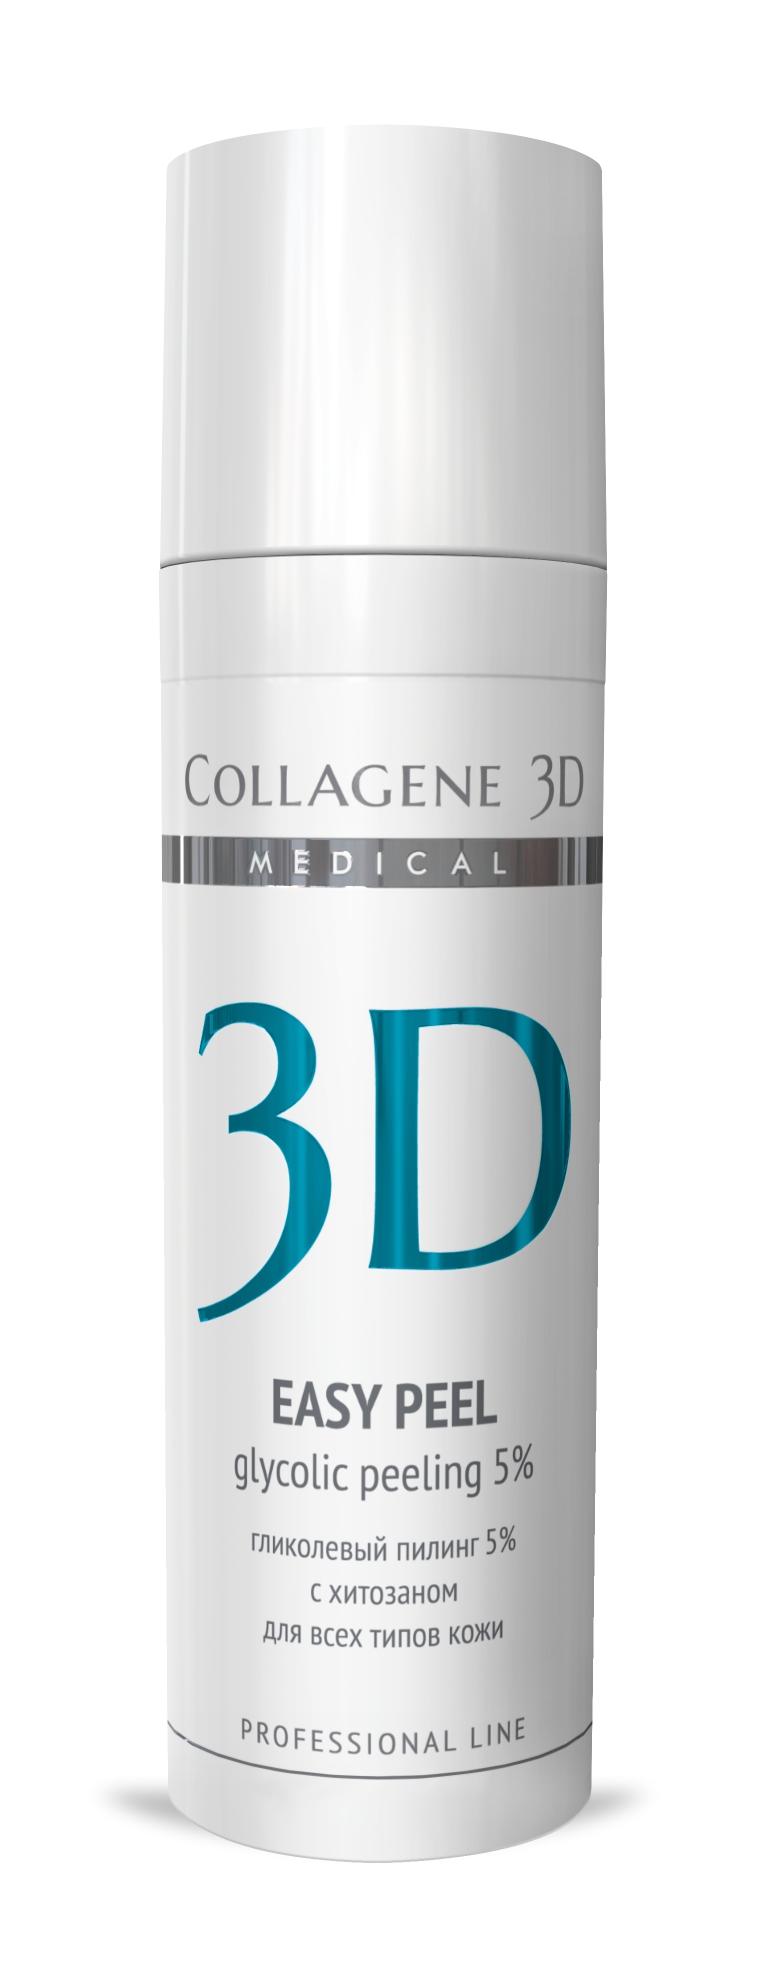 MEDICAL COLLAGENE 3D Гель-пилинг с хитозаном на основе гликолевой кислоты 5% (pH 3,2) Easy Peel 30мл проф.Пилинги<br>Рекомендуется для чувствительной кожи, часто используется в качестве теста на восприимчивость для тех пациентов, кто никогда не делал гликолевые пилинги. Может применяться как подготовительное средство перед процедурой поверхностного или срединного пилинга. Гликолевая кислота стимулирует синтез собственного коллагена, подготавливает кожу для дальнейшего проведения коллагеновых процедур. Активные ингредиенты: гликолевая кислота 5%, хитозан. Способ применения: нанести кистью на сухую предварительно очищенную кожу лица, шеи и область декольте. Длительность процедуры 5-7 минут до появления гиперемии (легкого покраснения). Затем тщательно смыть прохладной водой и просушить кожу. Может применяться в качестве подготовительного средства для процедуры поверхностных и срединных пилингов с более высокой концентрацией. Пилинг не требует нейтрализации.<br><br>Тип: Гель-пилинг<br>Объем: 30<br>Вид средства для лица: Поверхностный